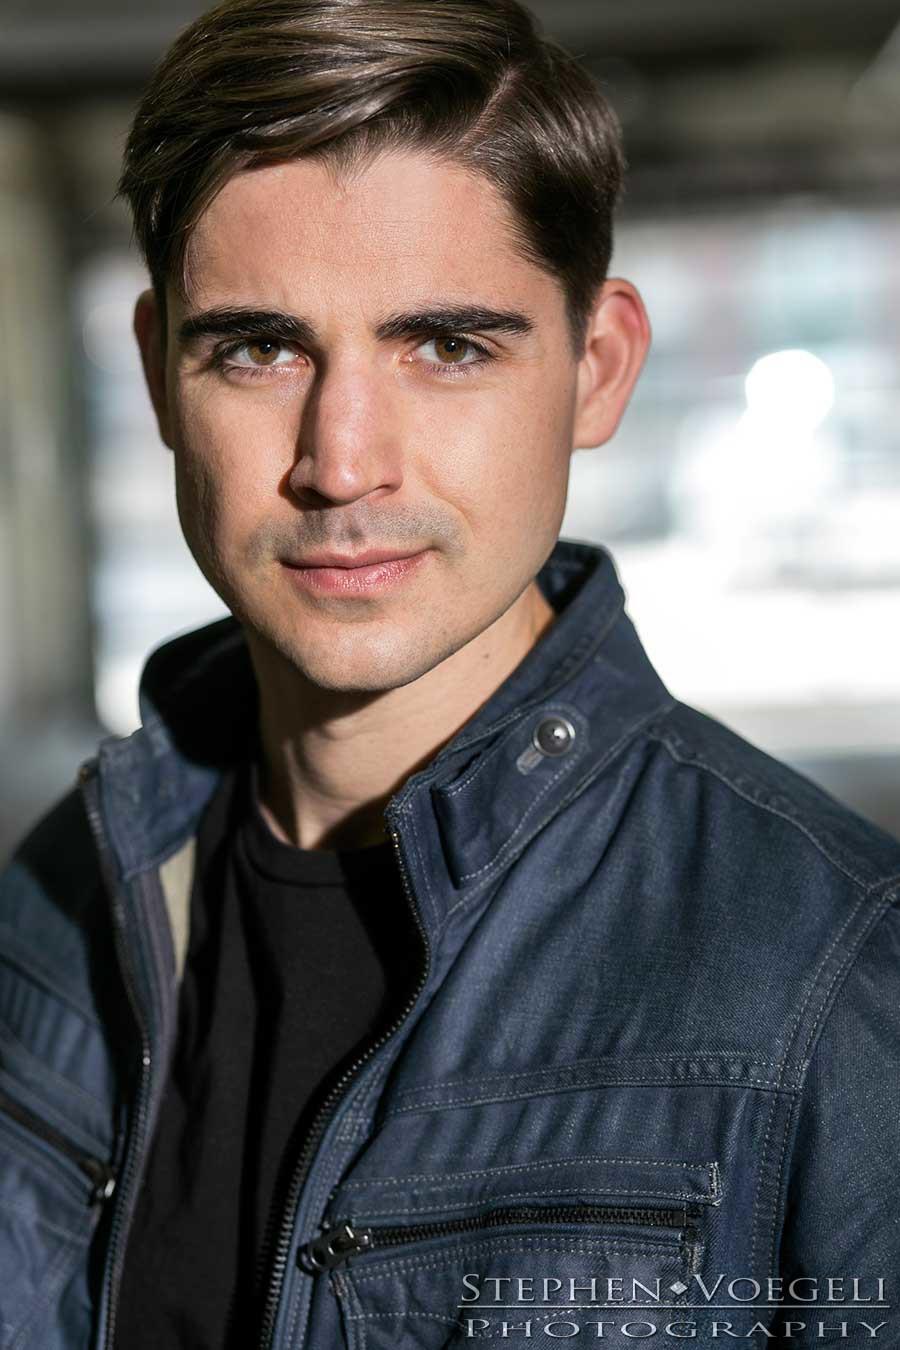 Actor Headshots – Stephen Voegeli